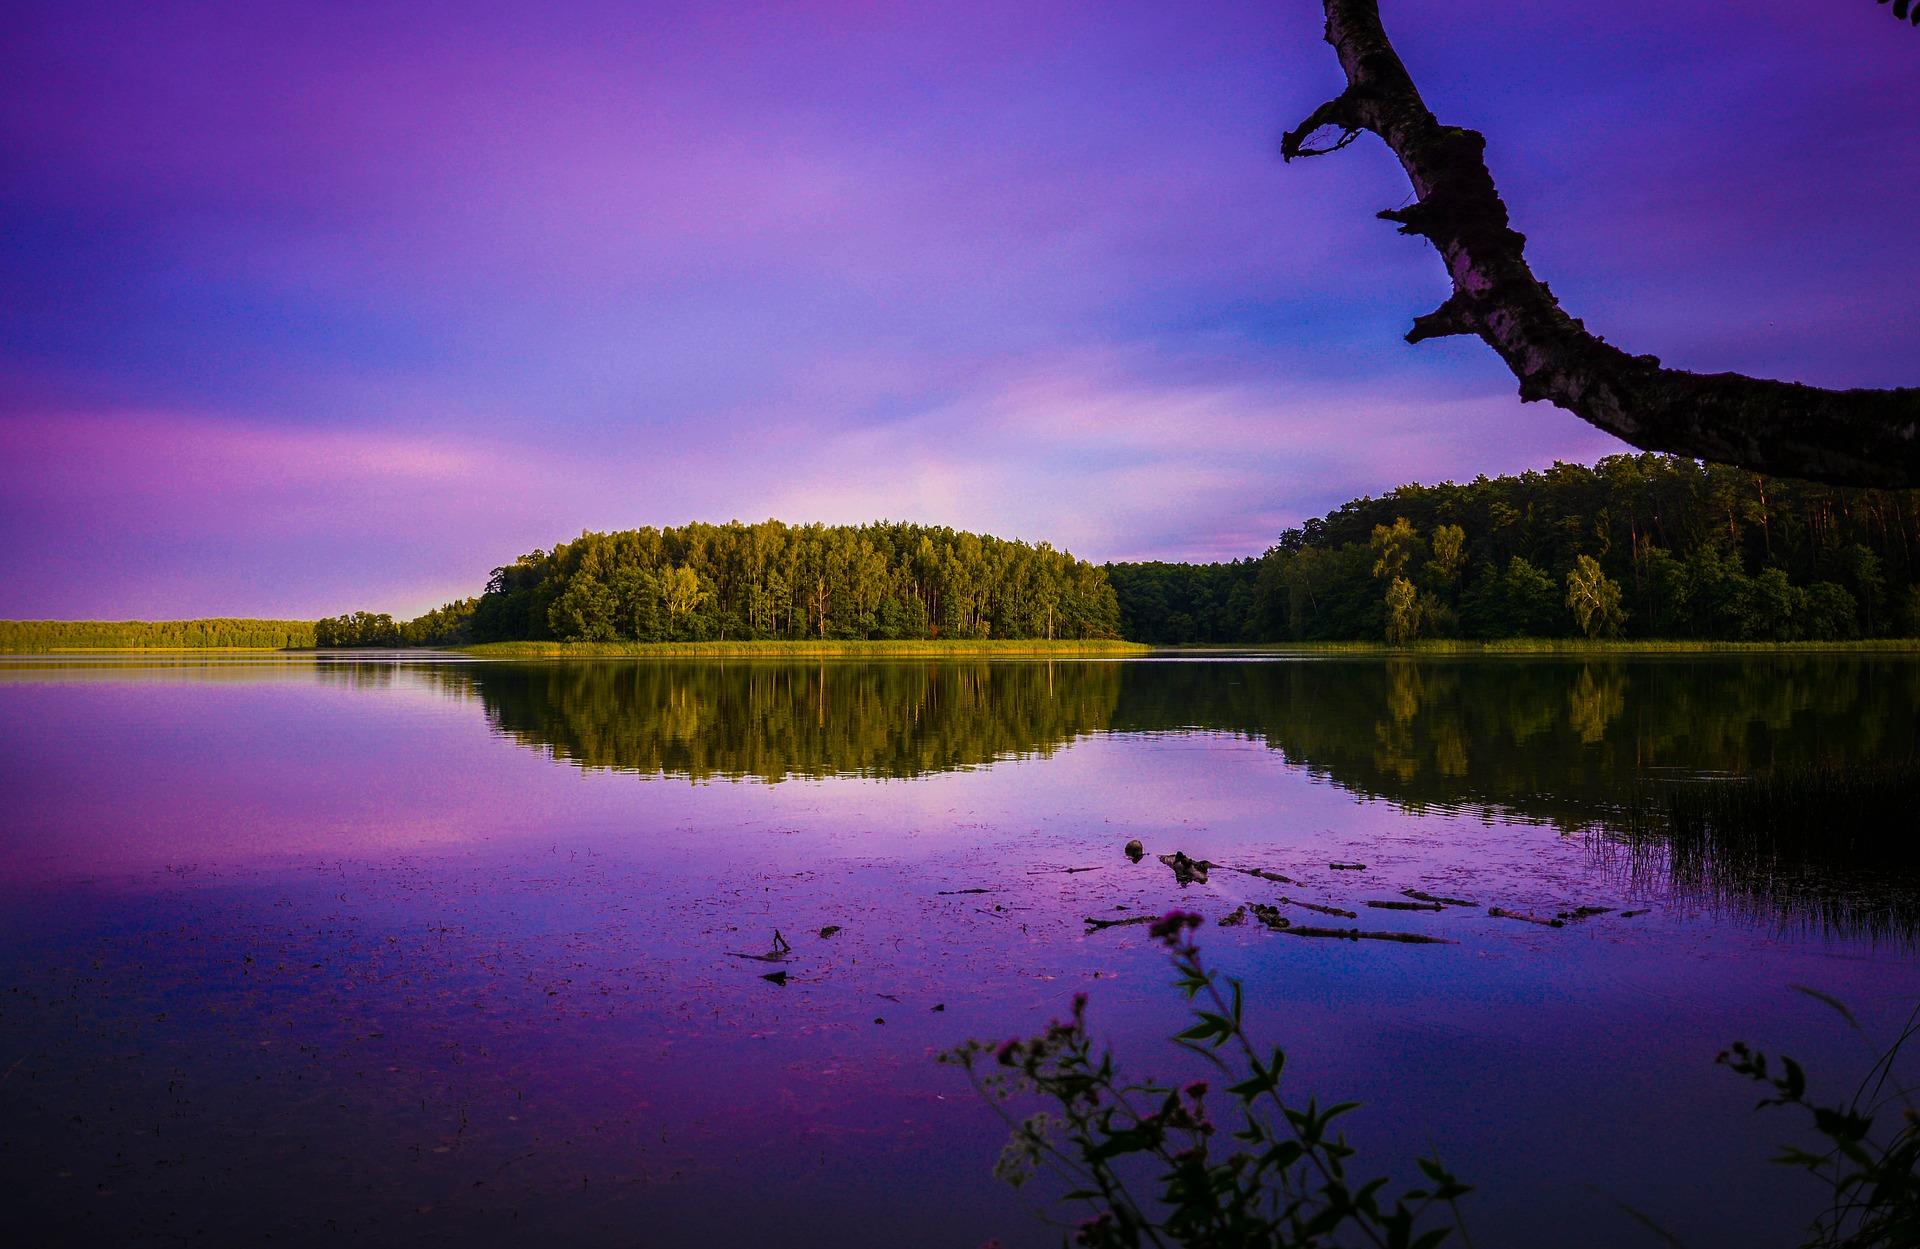 https://pixabay.com/pl/photos/mazury-niebo-woda-natura-krajobraz-1633777/